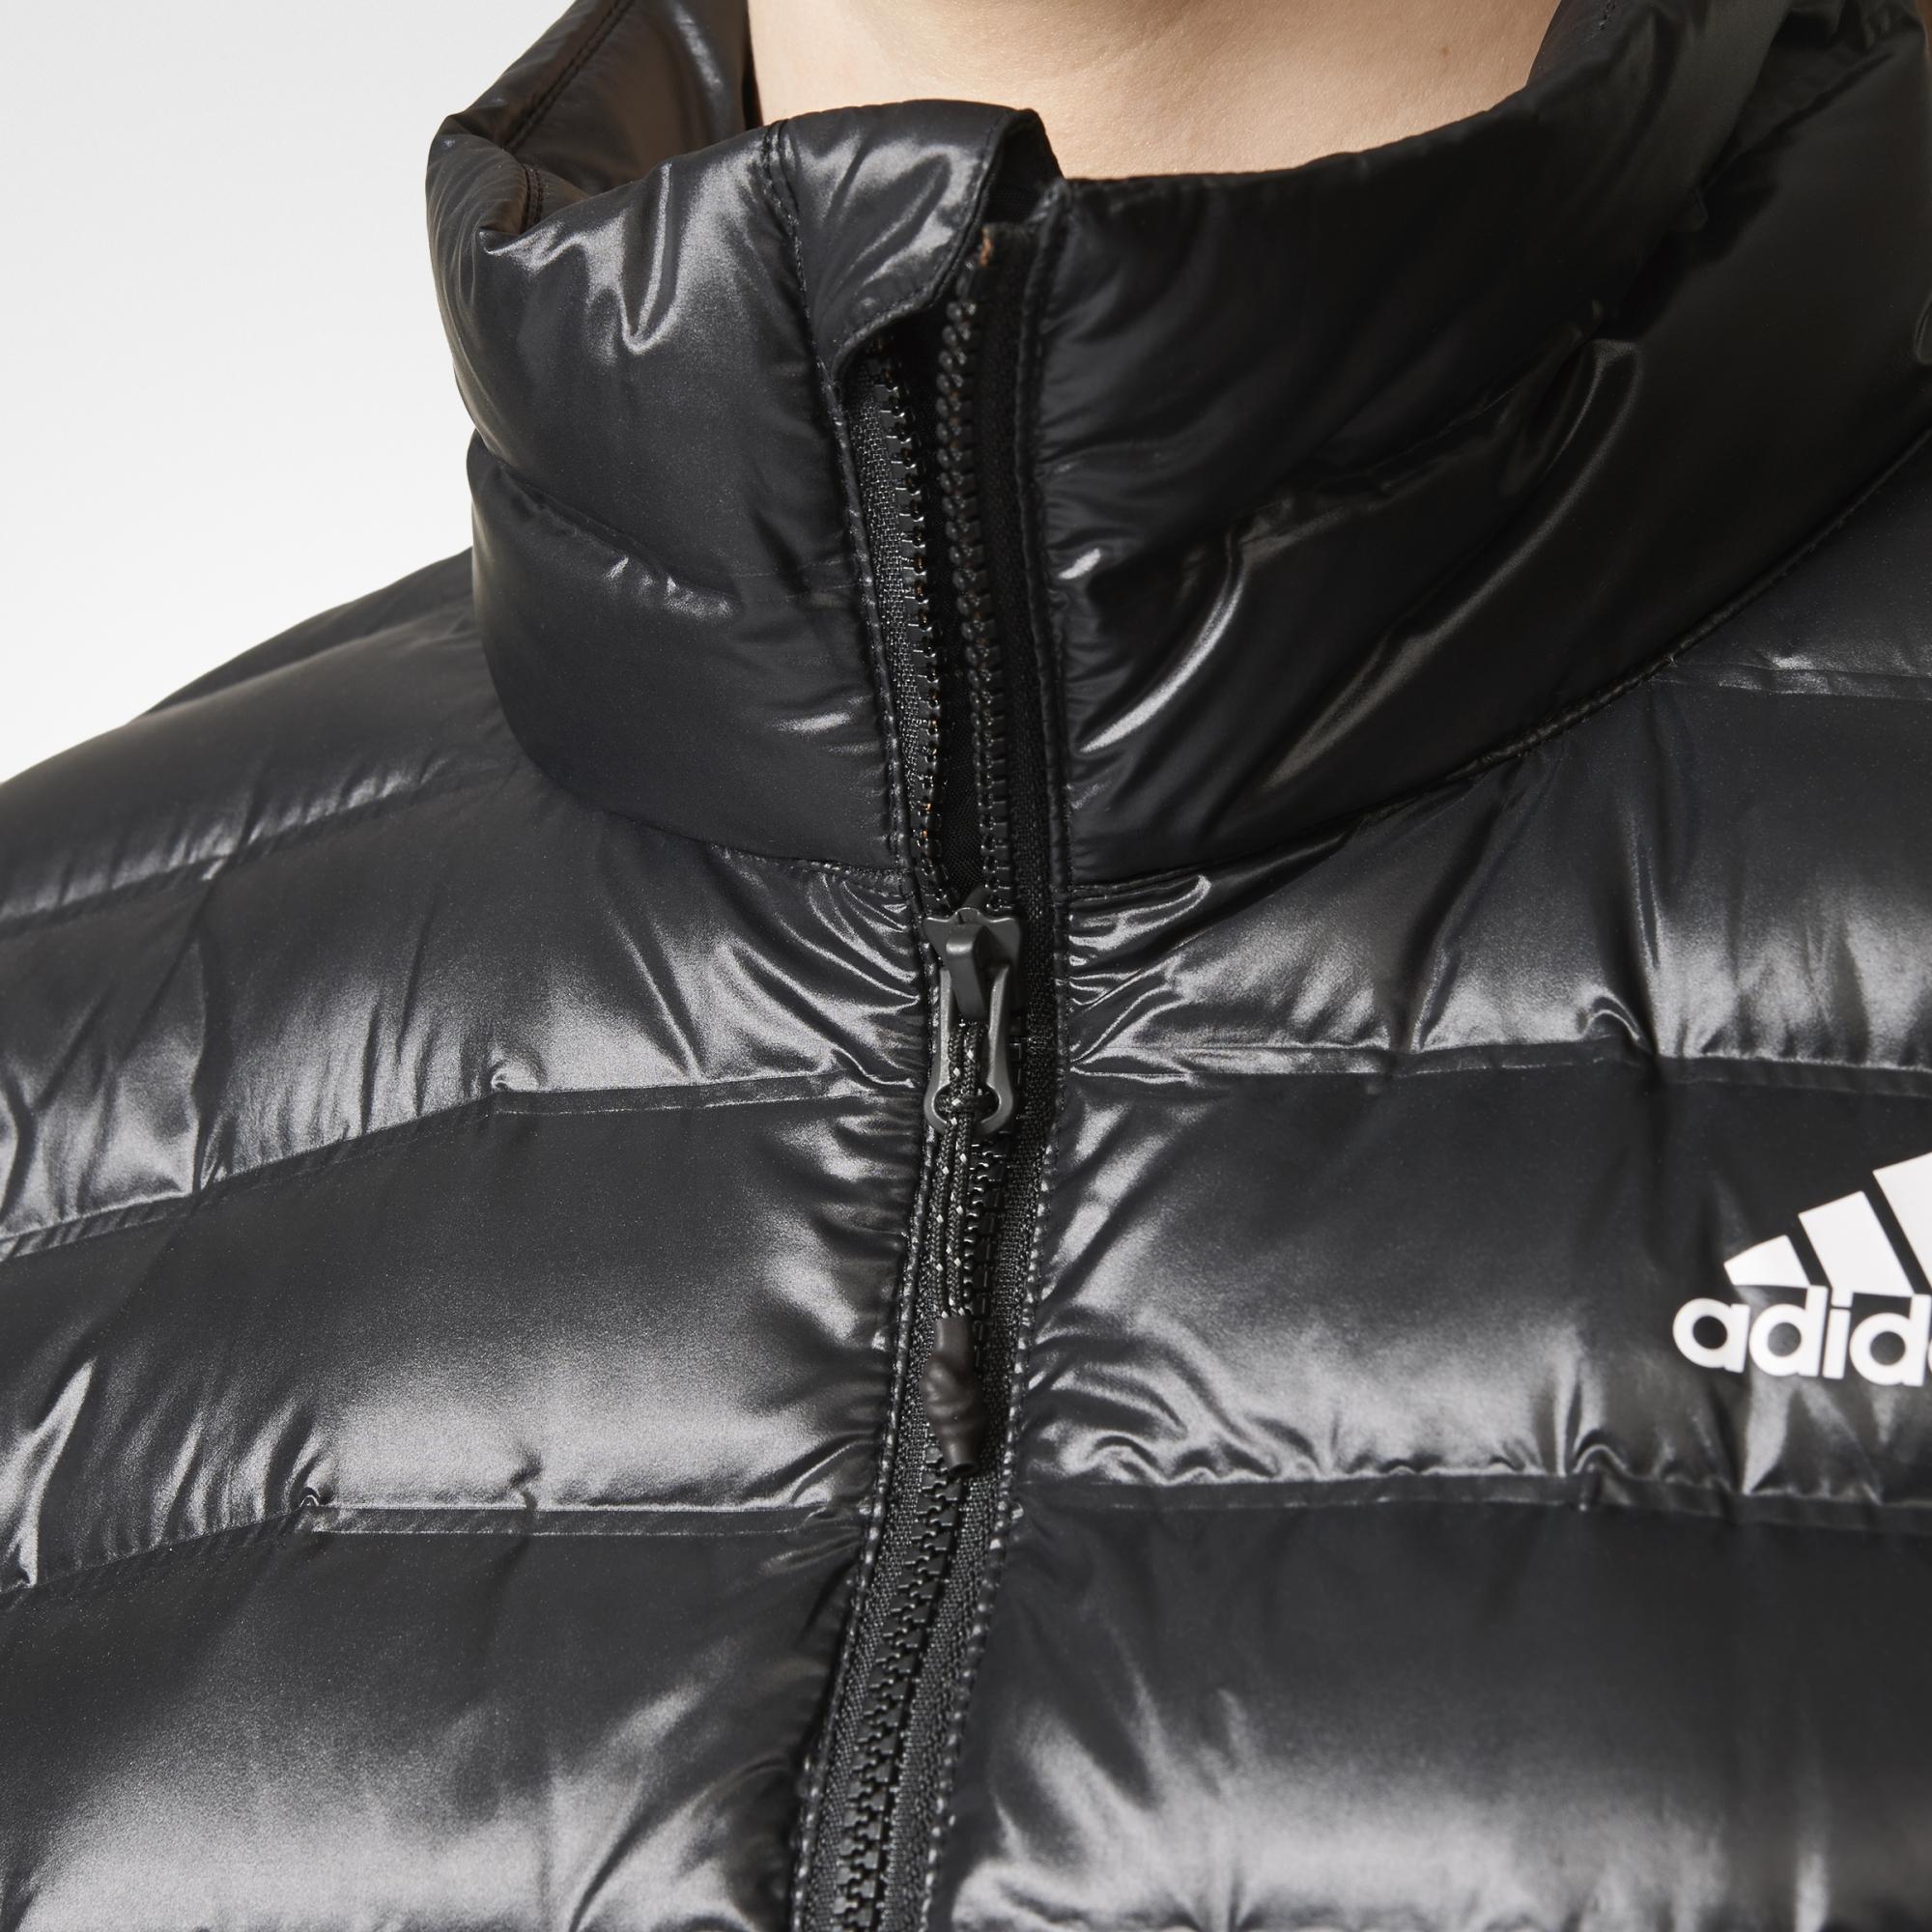 Sklep: adidas kurtka w tx hybrid j strona 2